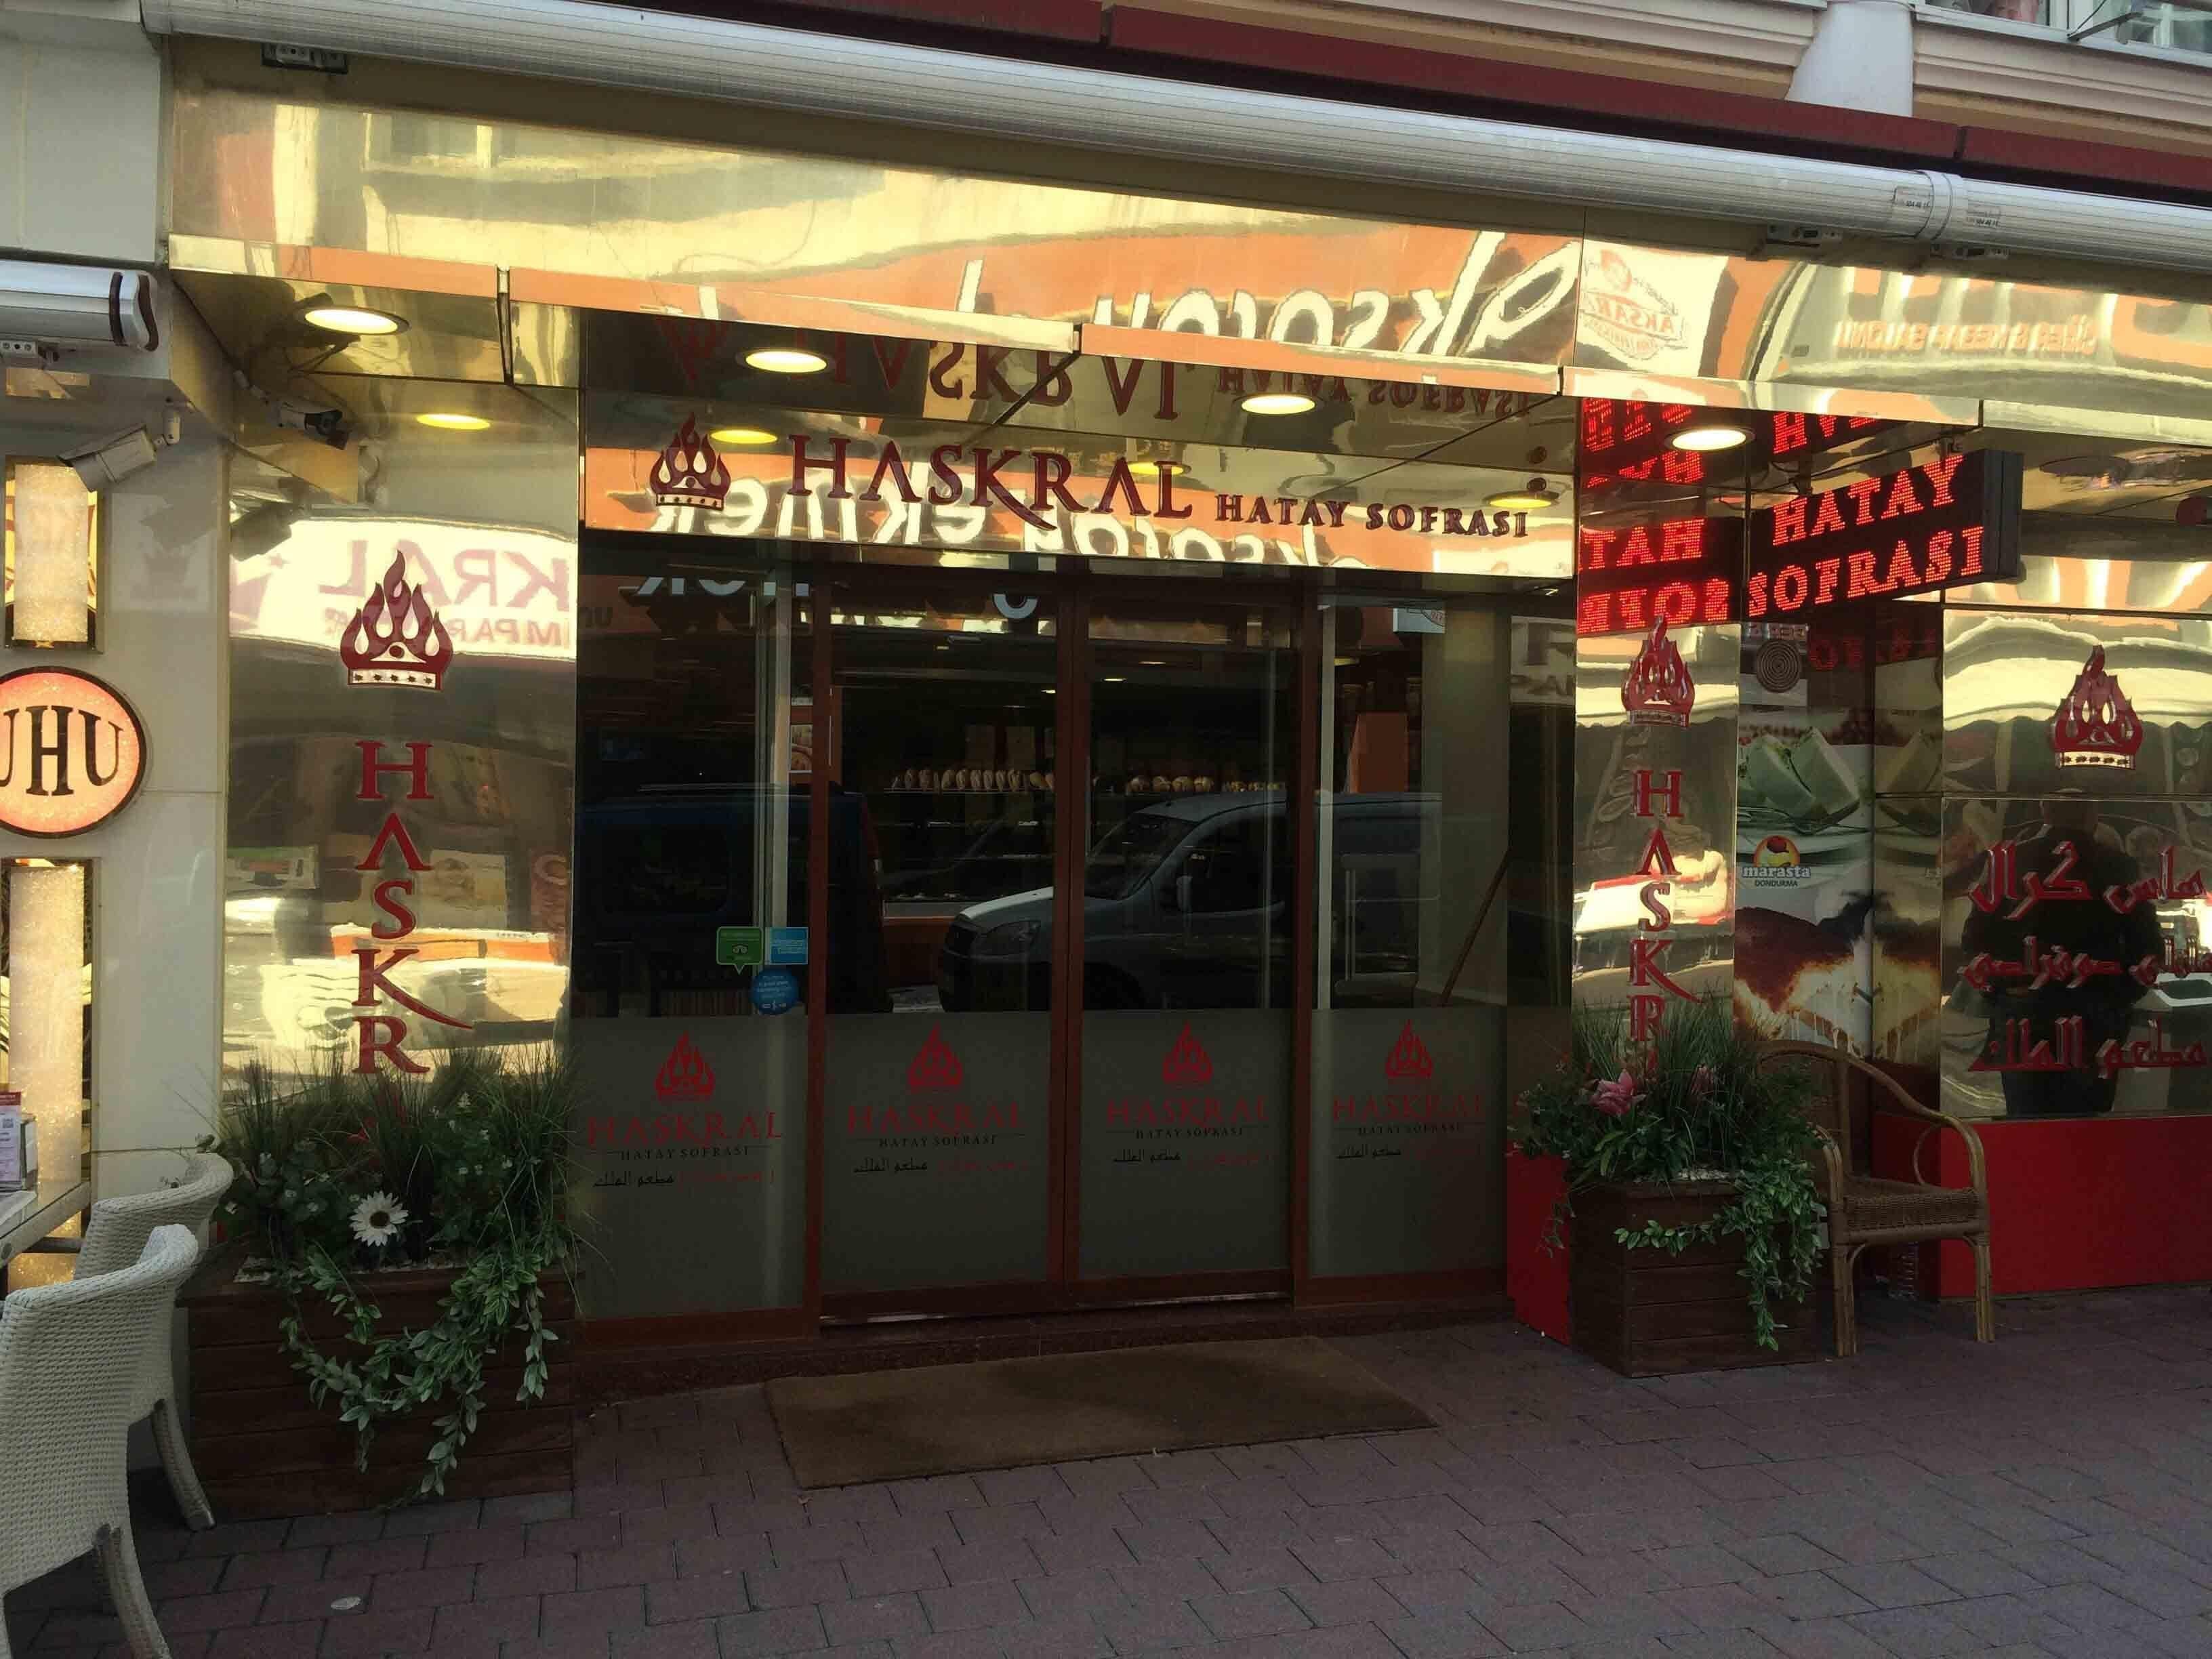 تركيا اسطنبول اهم اماكن التسوق والمطاعم مطعم الملك هاس كرال